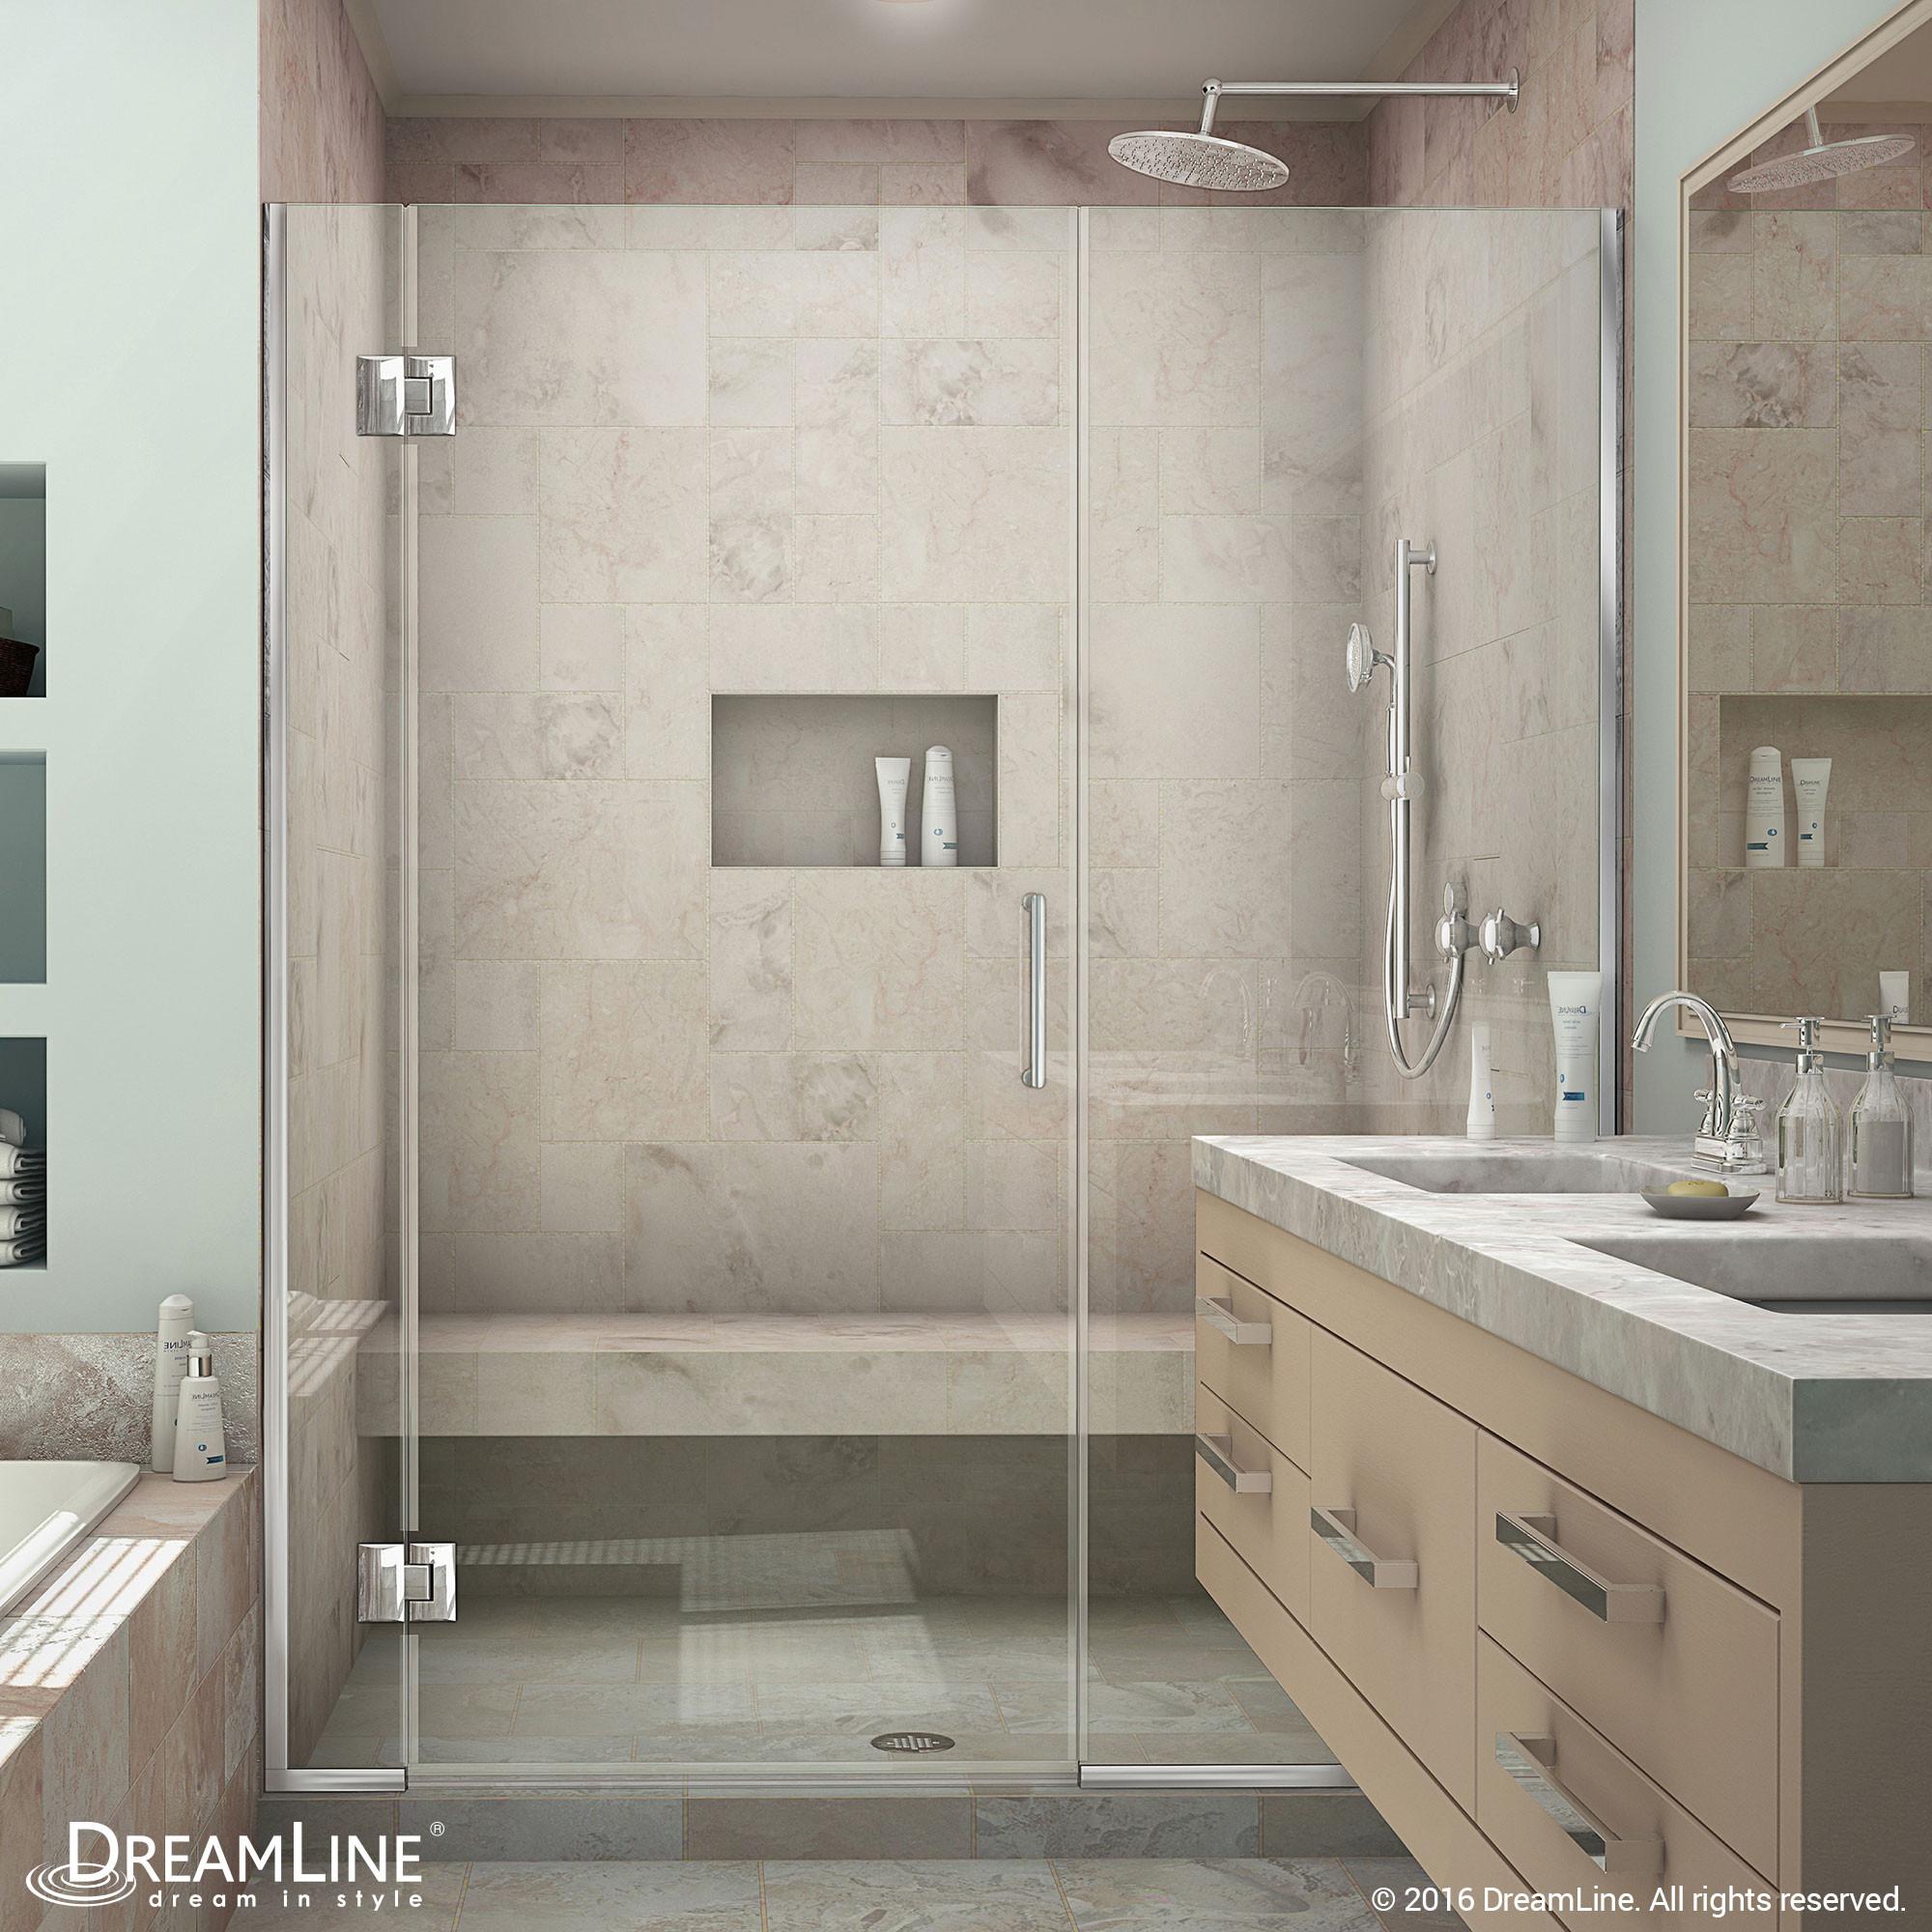 DreamLine D1231472-01 Unidoor-X 43 - 43 1/2 in. W x 72 in. H Hinged Shower Door in Chrome